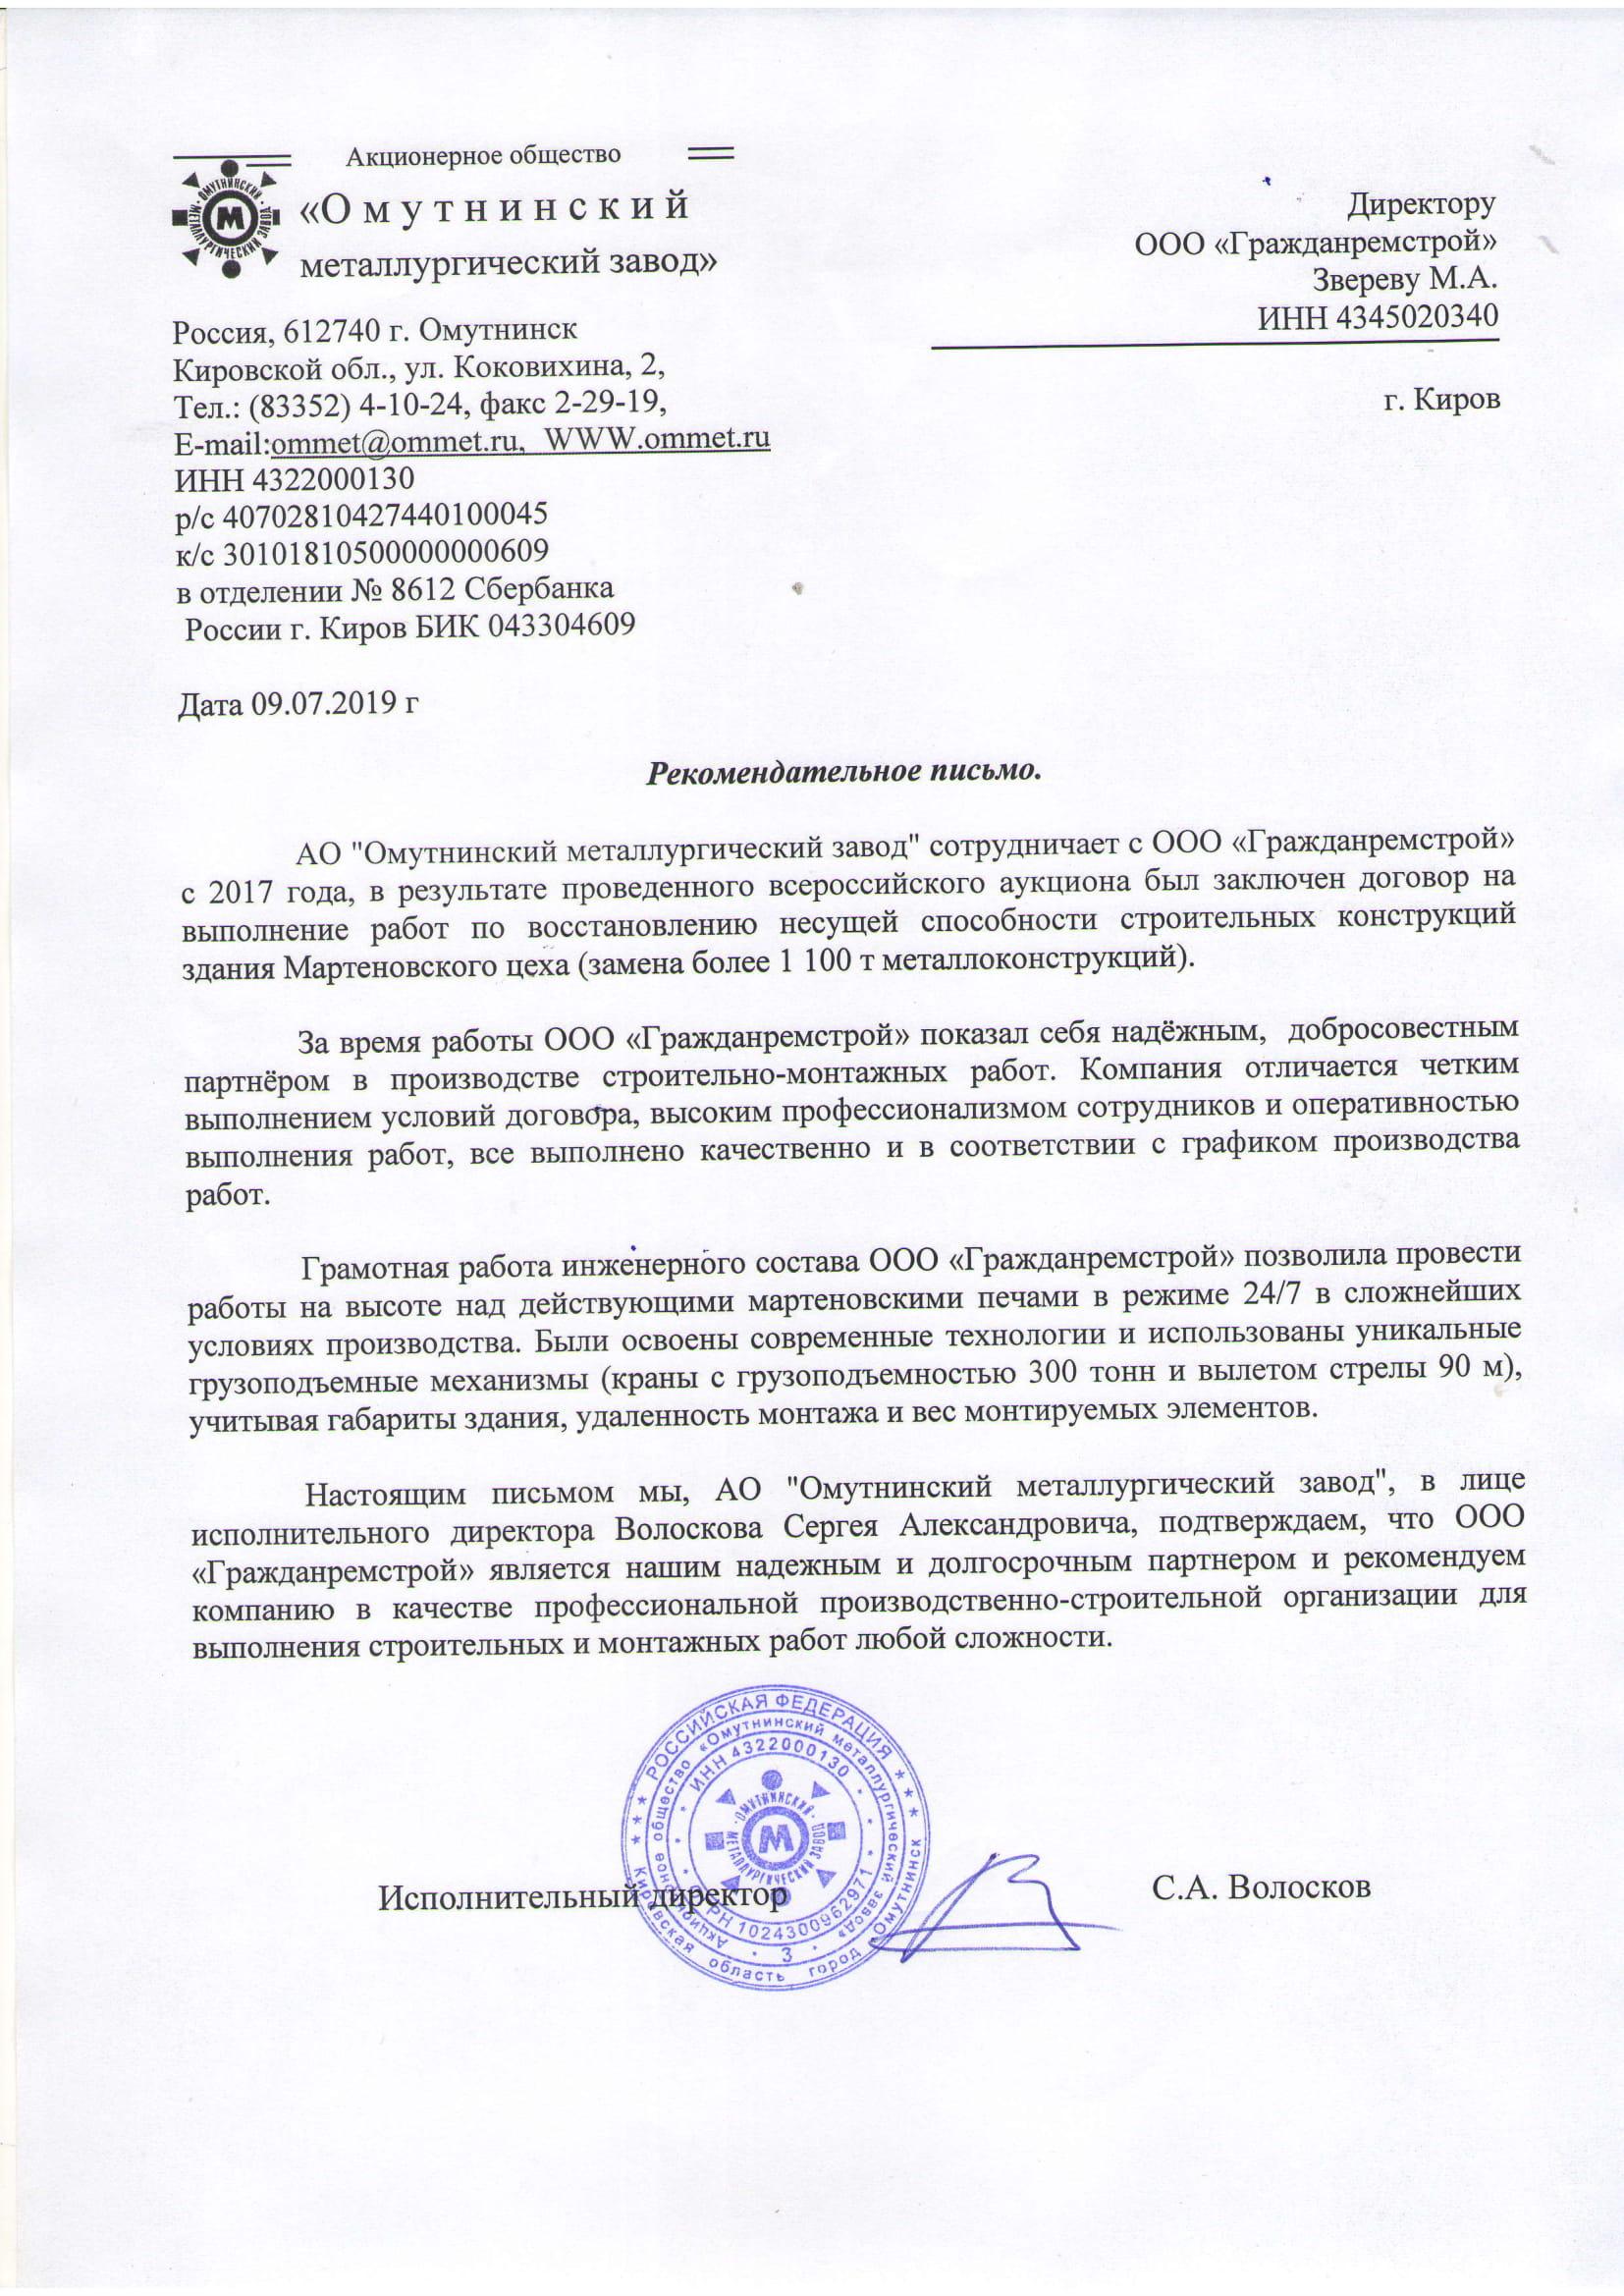 АО Омутнинский металлургический завод, рекомендательное письмо